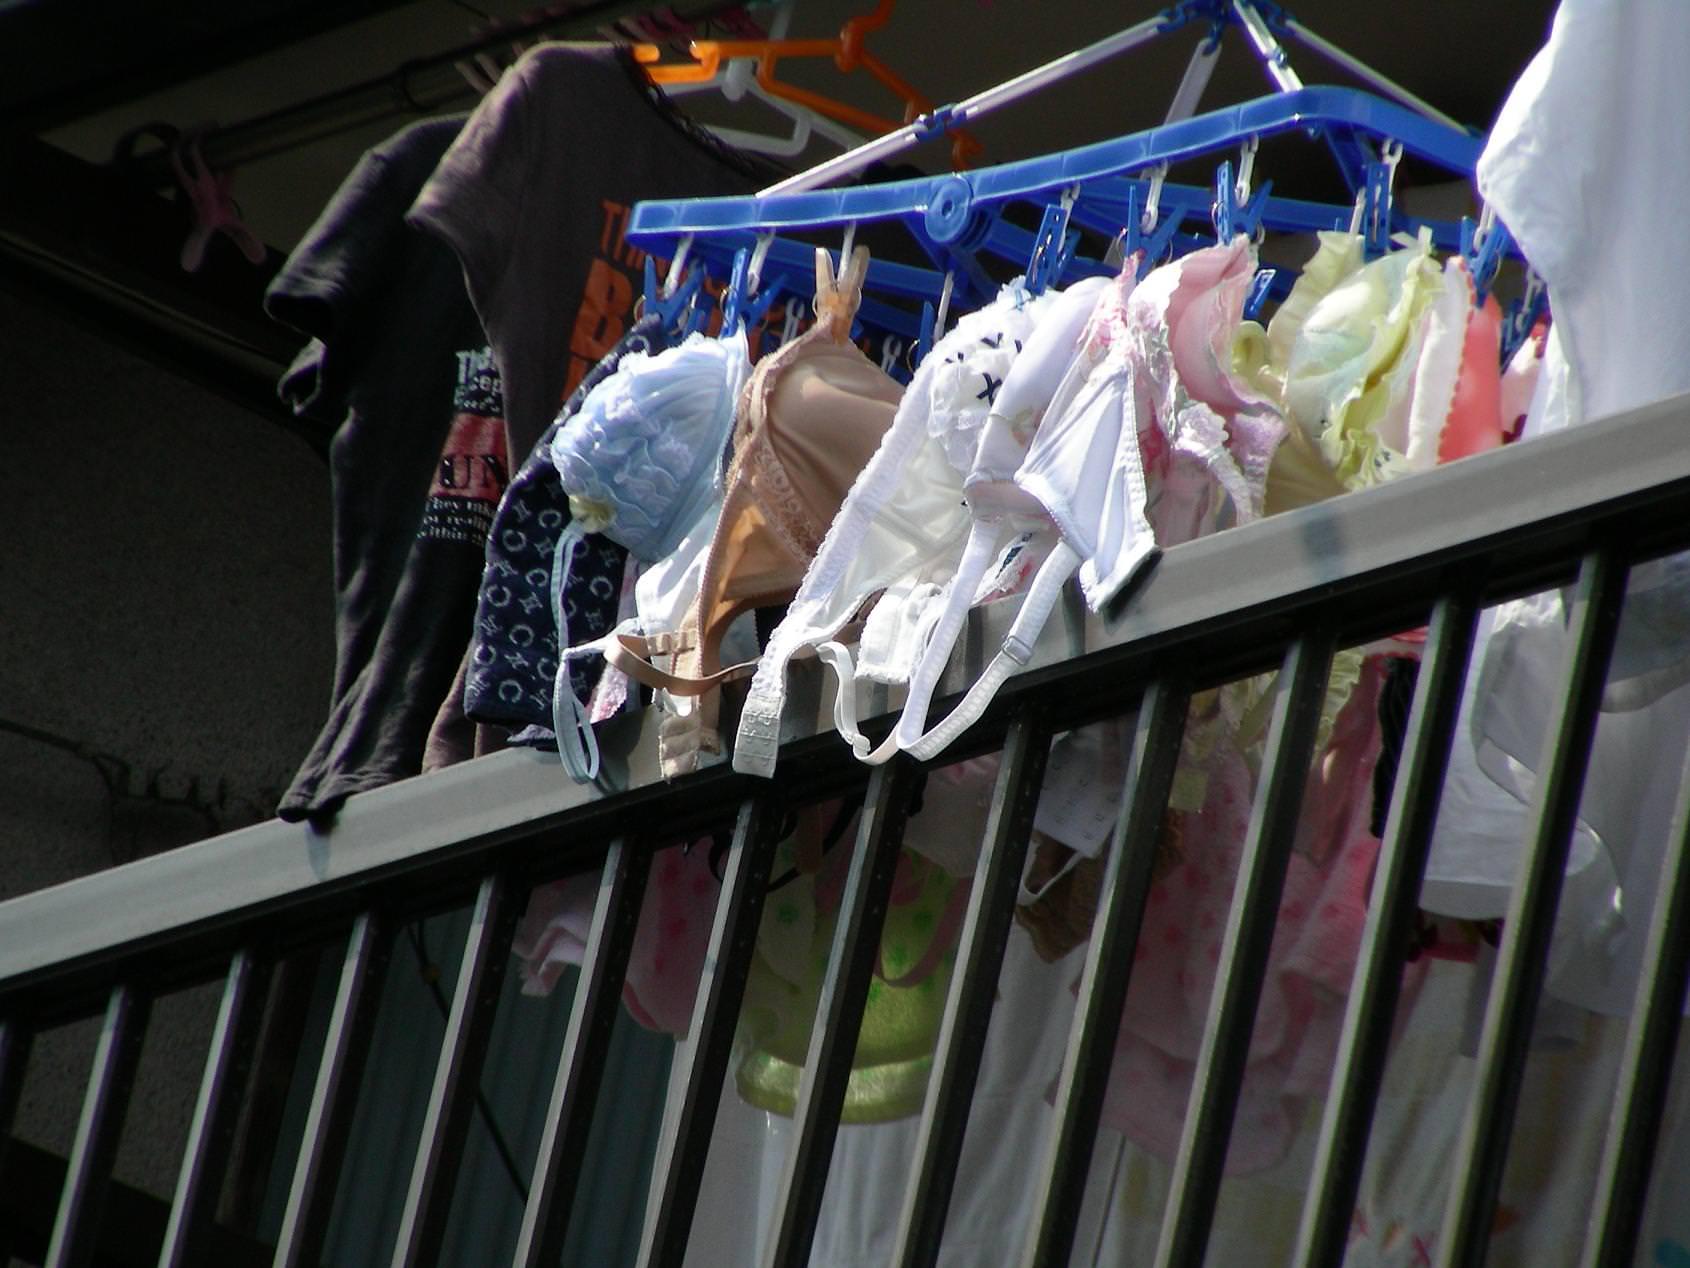 若い素人妻が暮らすベランダに干された洗濯物のブラやパンティーの下着エロ画像 554